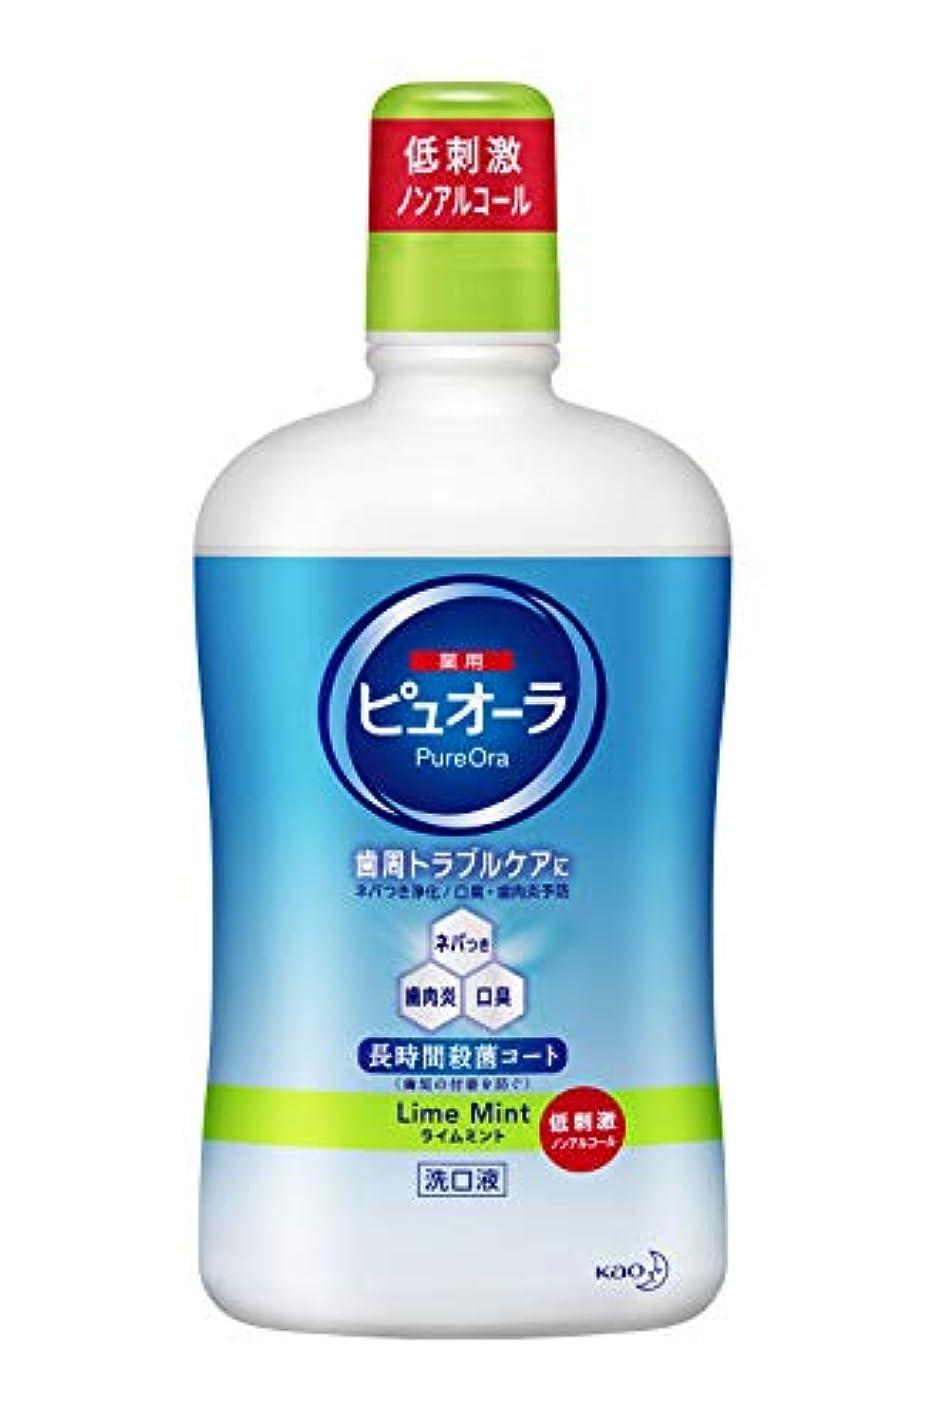 フライカイト暗黙布【大容量】ピュオーラ 洗口液 ライムミント ノンアルコールタイプ 850ml